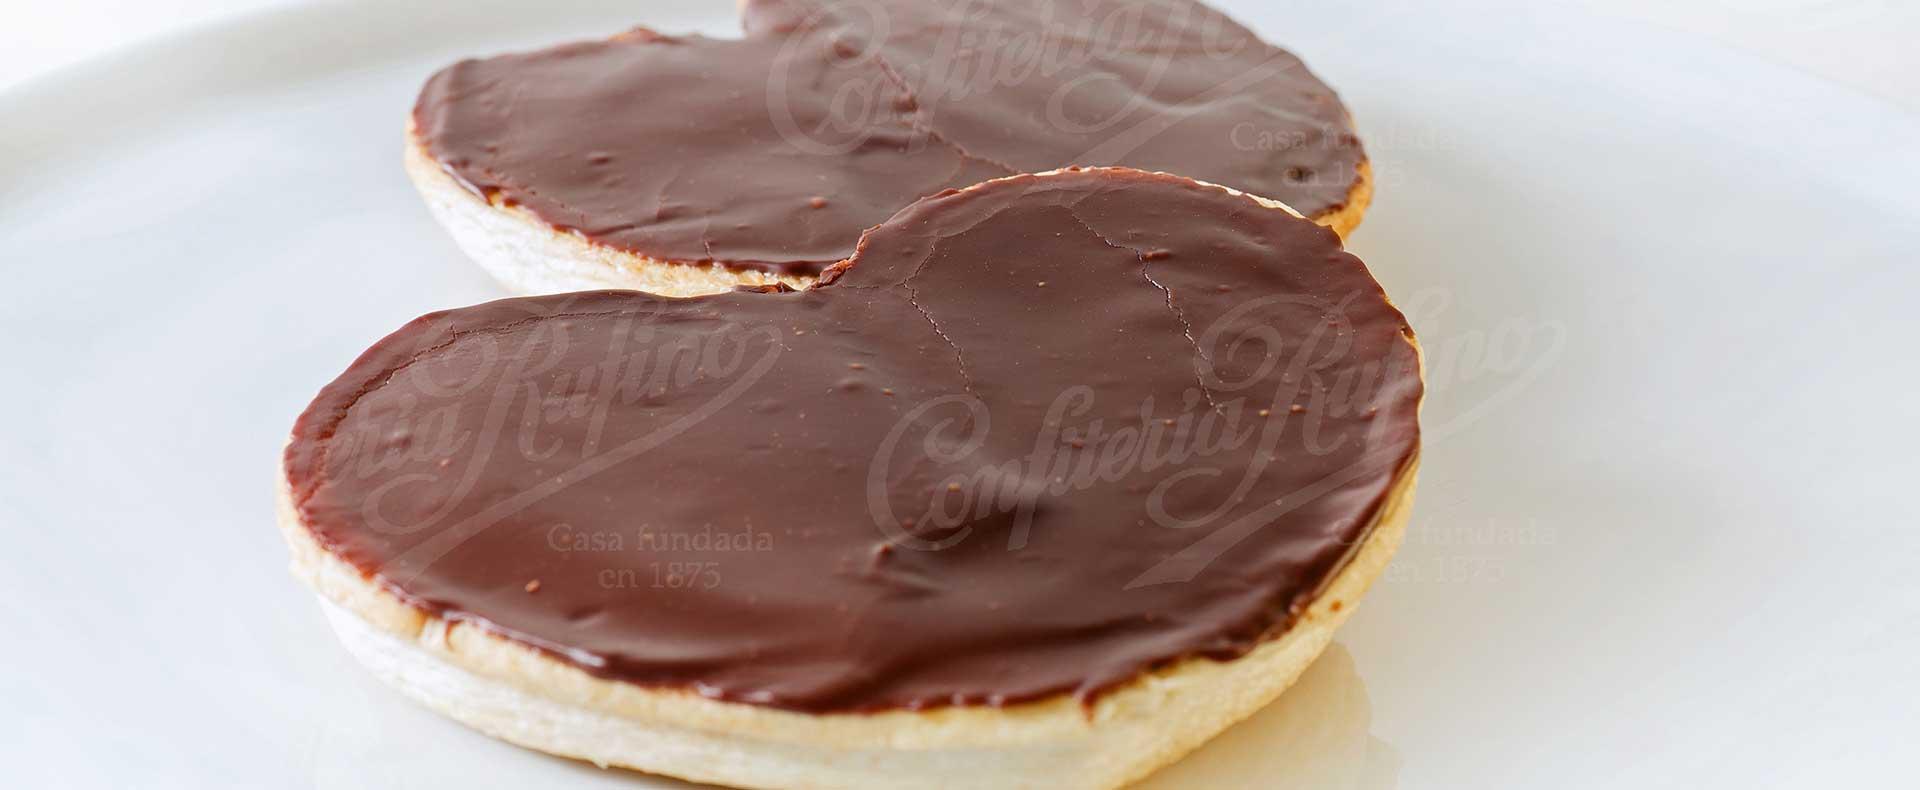 palmera-chocolate-confiteria-rufino-aracena